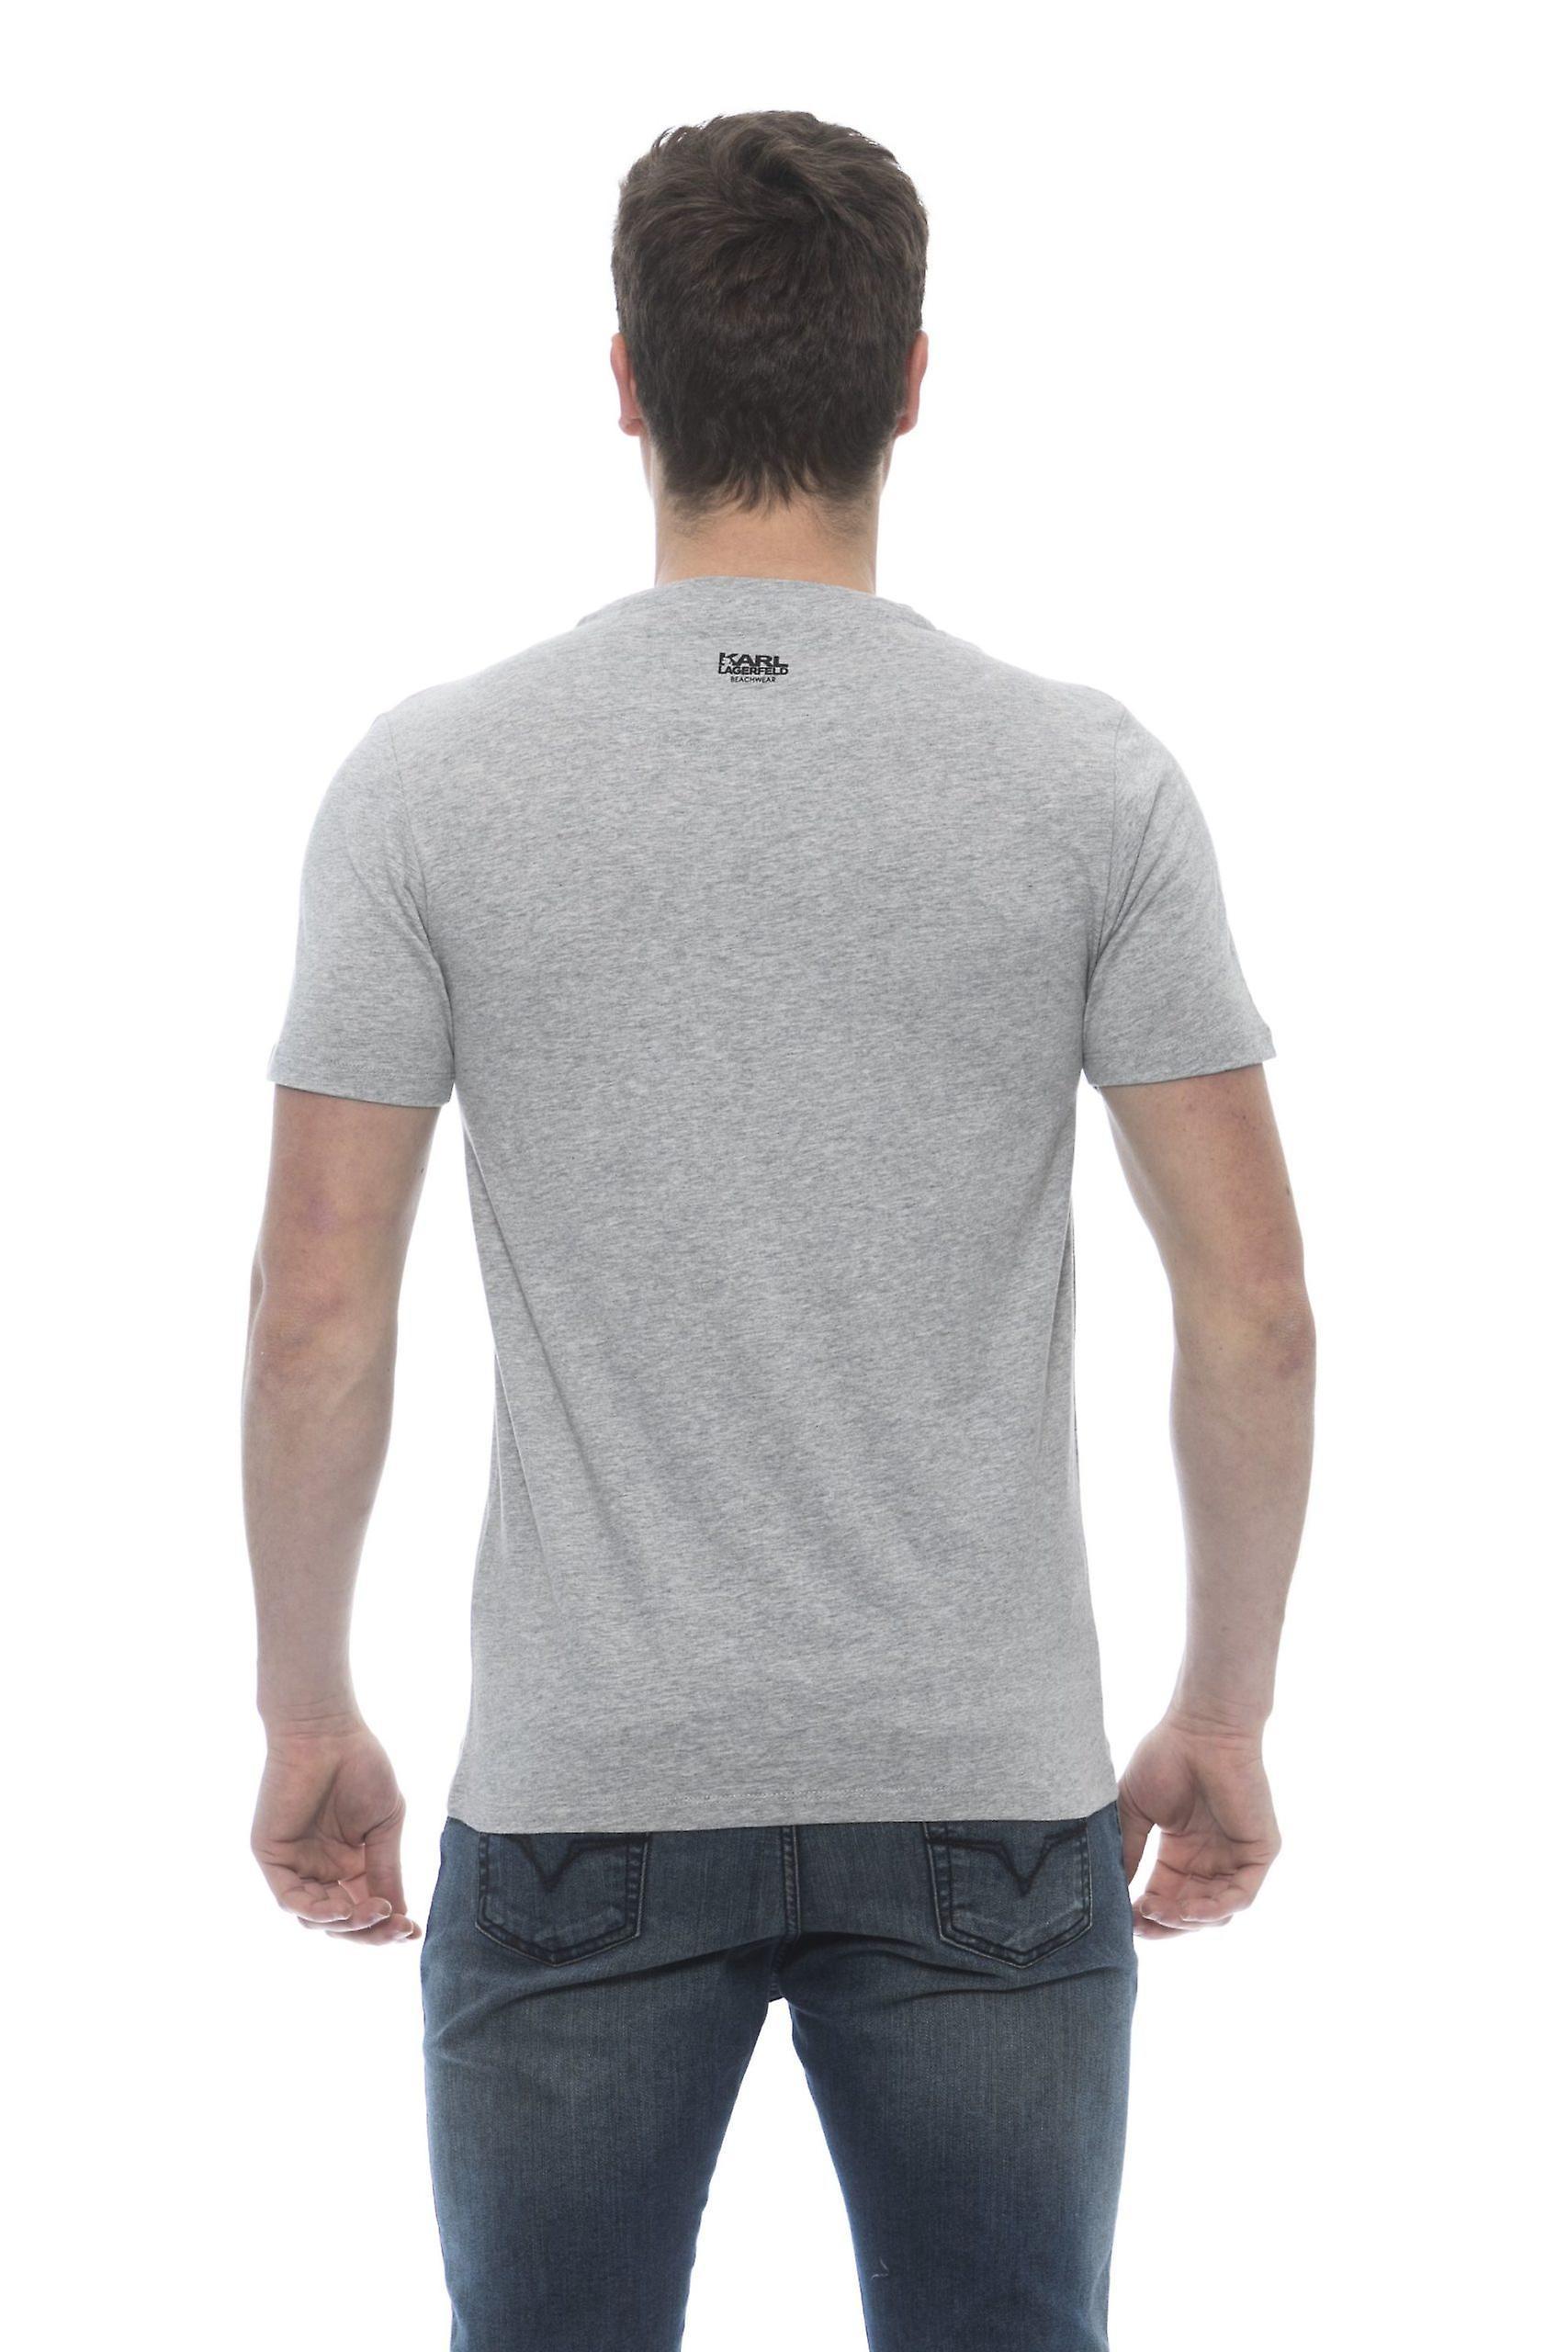 T-shirt topp kl26647